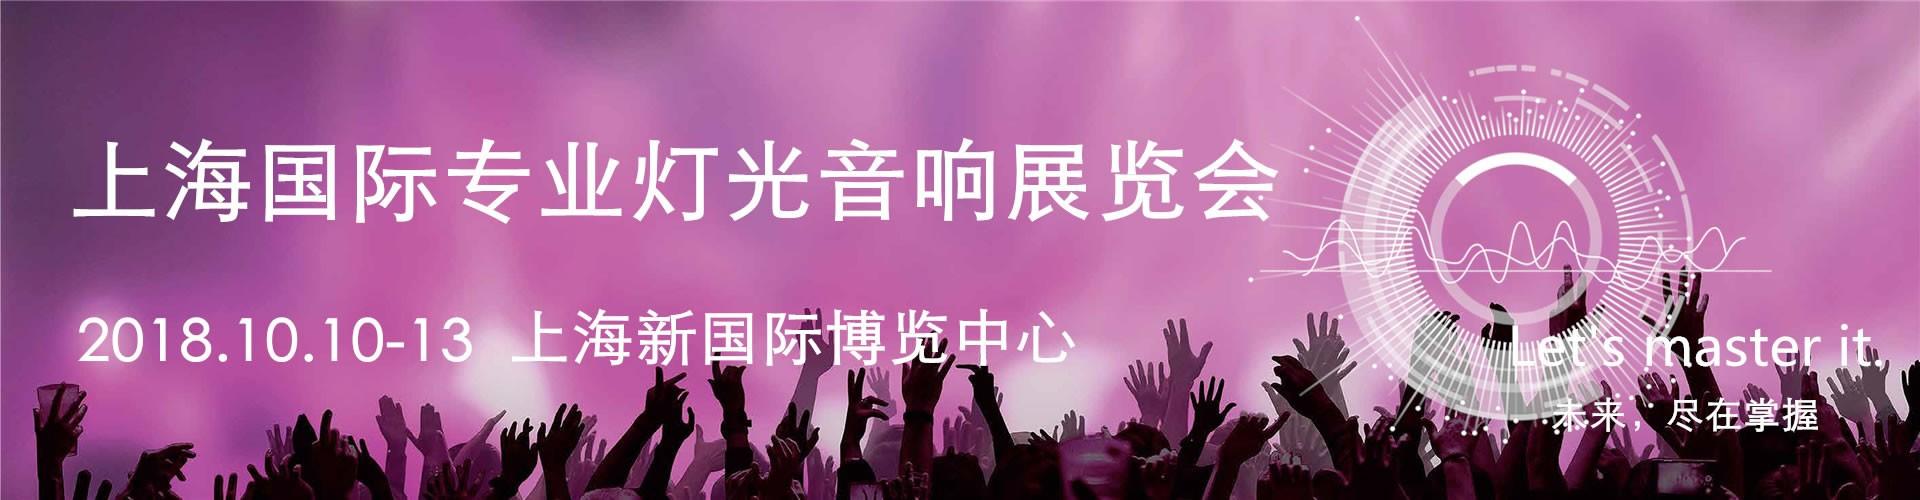 德声科技 2018上海国际专业灯光音响展览会邀请函